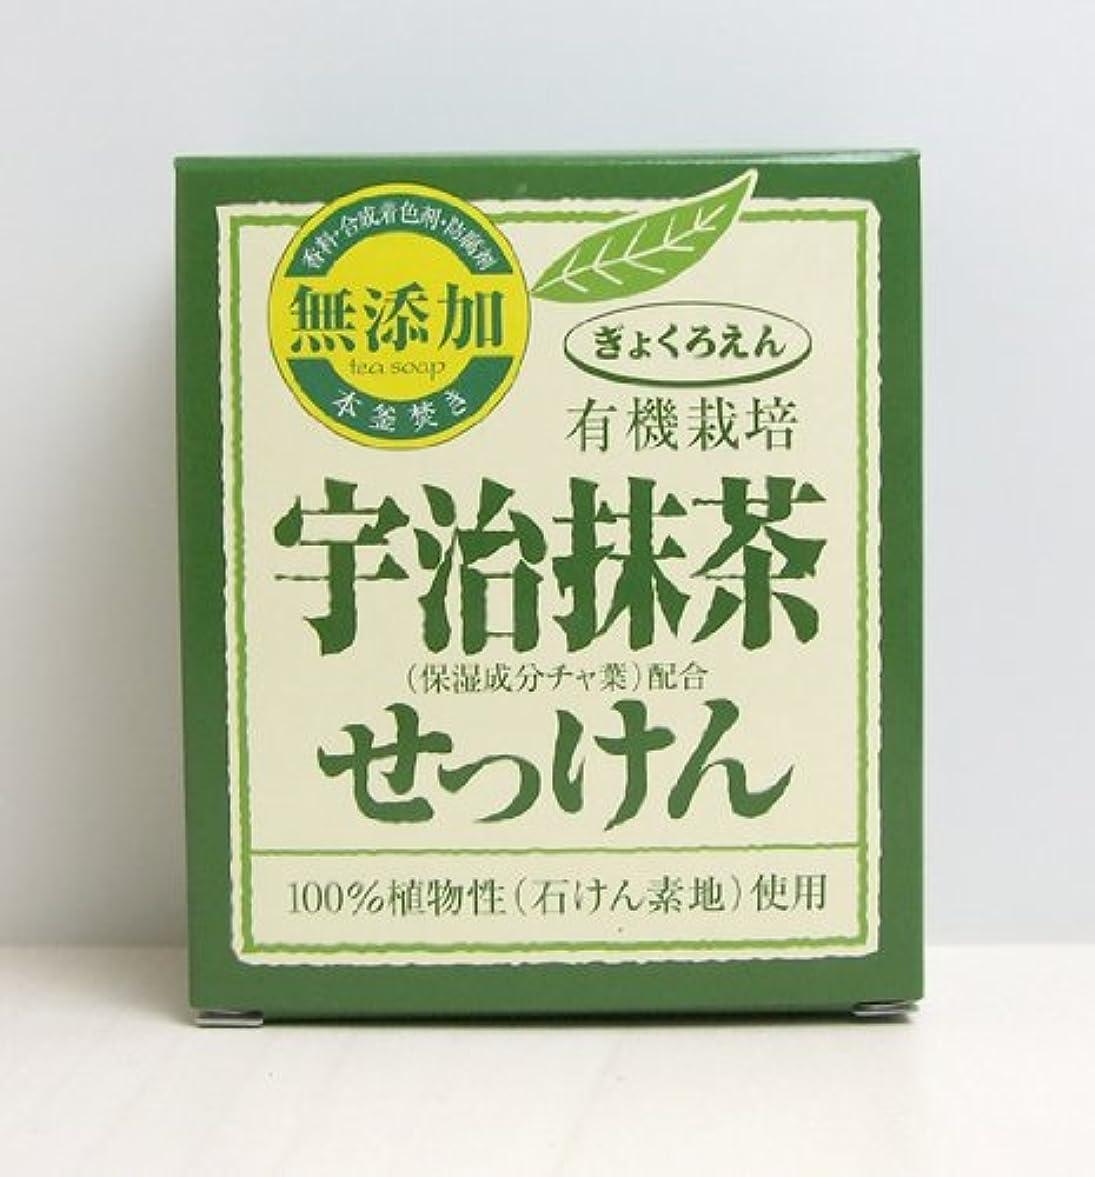 ウェーハ傾向があるちょっと待ってお茶のせっけん:有機栽培宇治抹茶せっけん